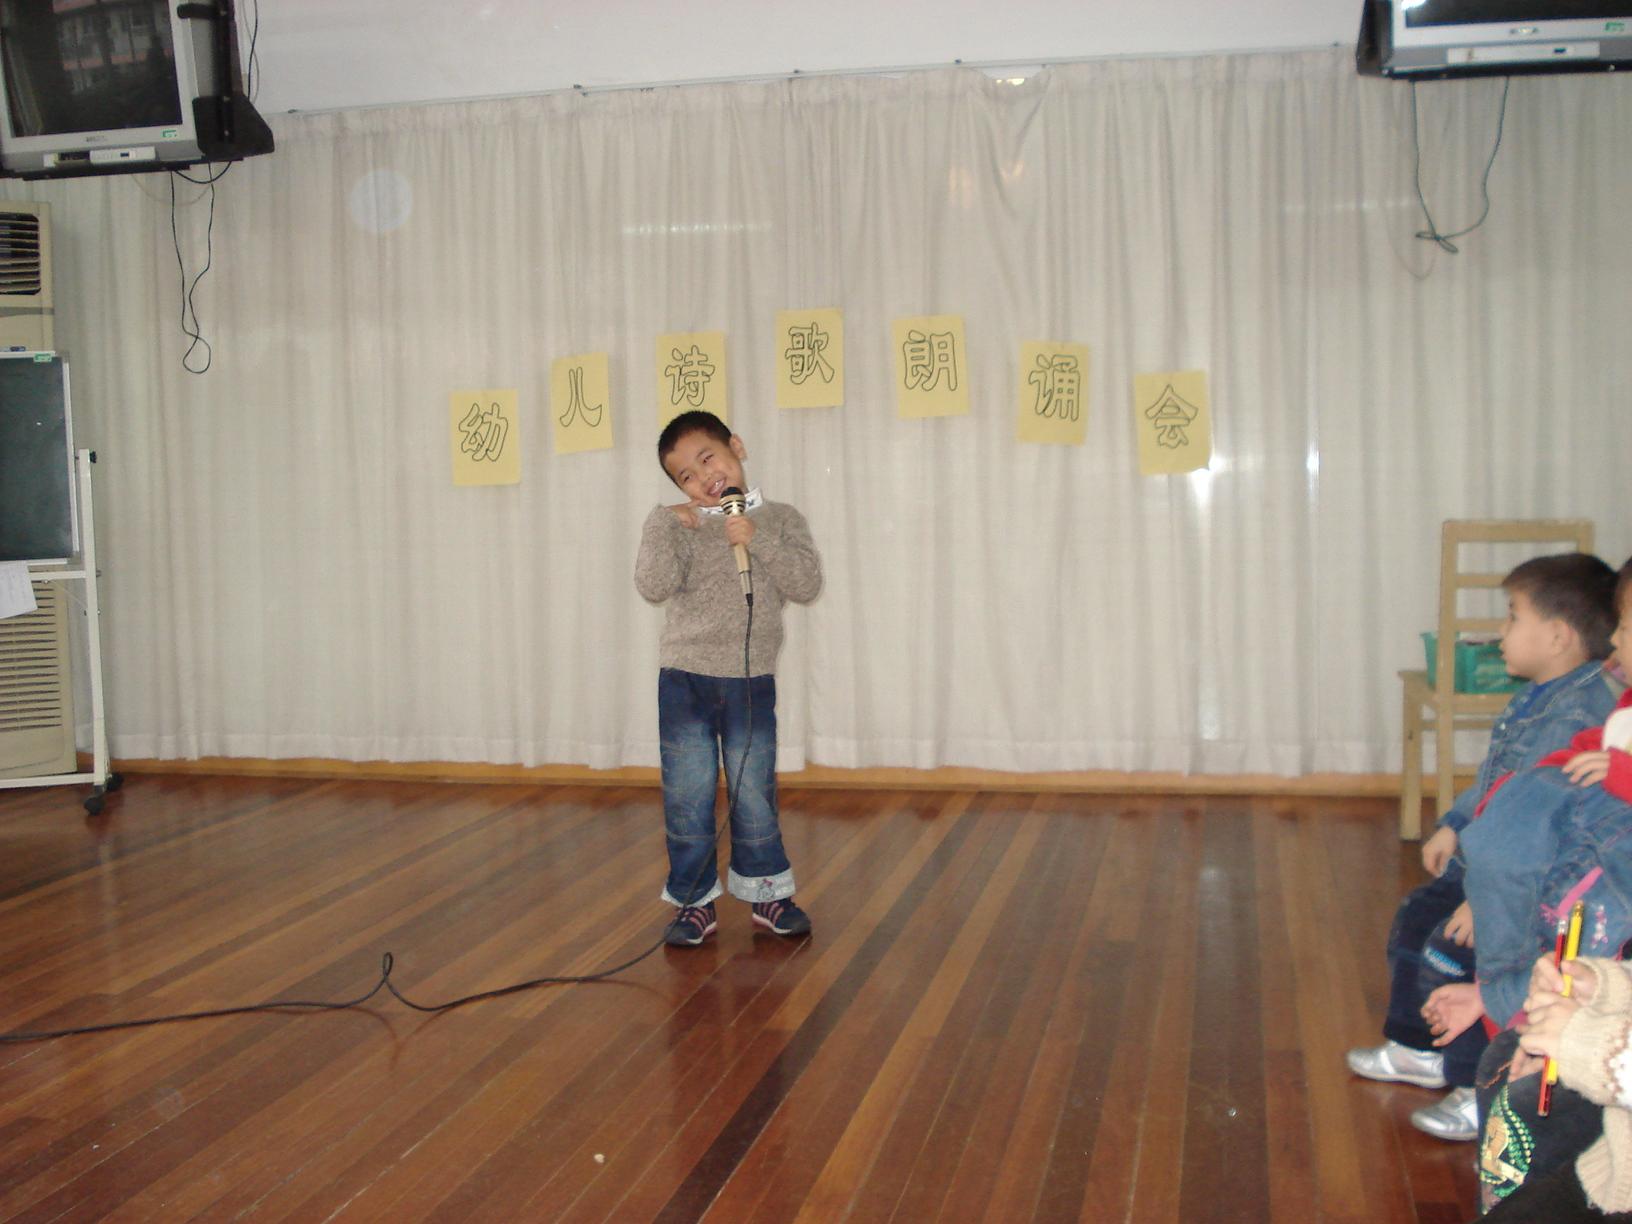 背景儿童诗歌朗诵